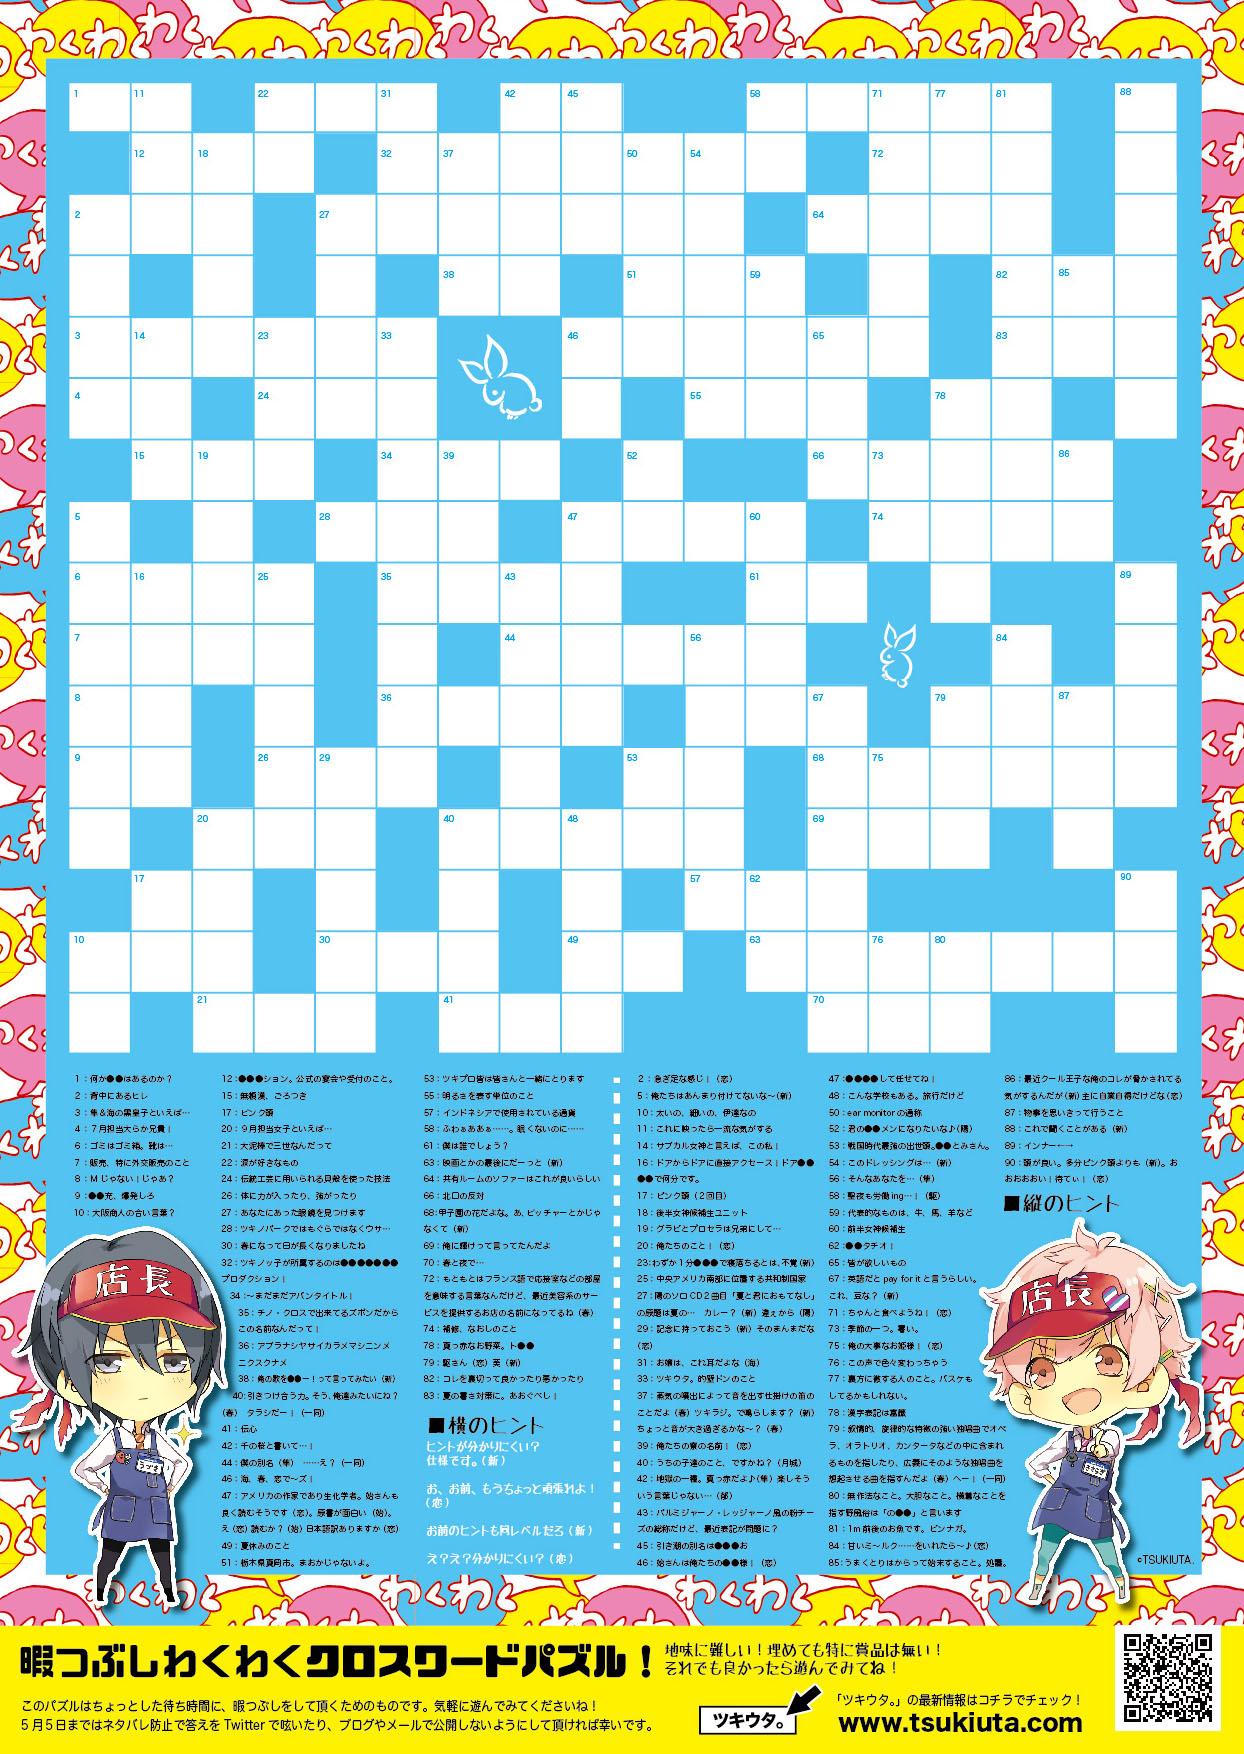 tsuki_0.jpg